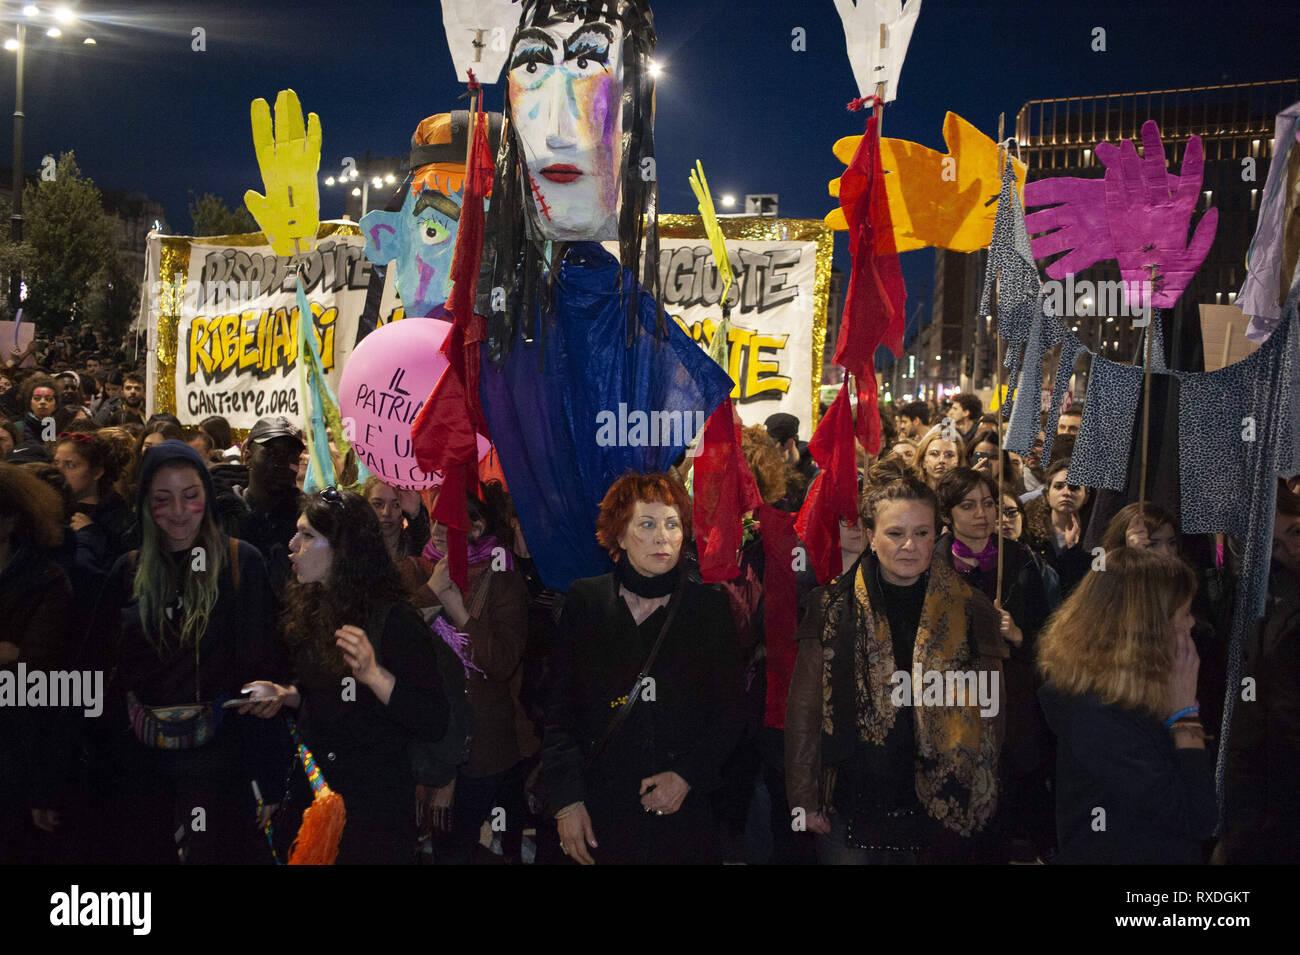 Pueblo Italiano - Página 9 Marzo-8-2019-milan-lombardia-italia-un-grupo-de-dama-esta-esperando-la-protesta-para-iniciar-en-la-piazza-duca-daosta-el-dia-internacional-de-la-mujer-esta-organizado-en-milan-por-la-red-no-anu-di-meno-que-planea-realizar-una-manifestacion-y-una-protesta-contra-la-discriminacion-femenina-asesinato-y-violencia-este-ano-la-red-internacional-de-mujeres-asociacion-lanzo-el-llamado-balanceforbetter-a-fin-de-promover-la-igualdad-de-genero-y-el-equilibrio-en-italia-las-mujeres-accion-supone-una-especial-relevancia-ya-que-el-gobierno-esta-introduciendo-el-conservador-pillon-bill-que-posiblemente-podria-traer-efectos-rxdgkt